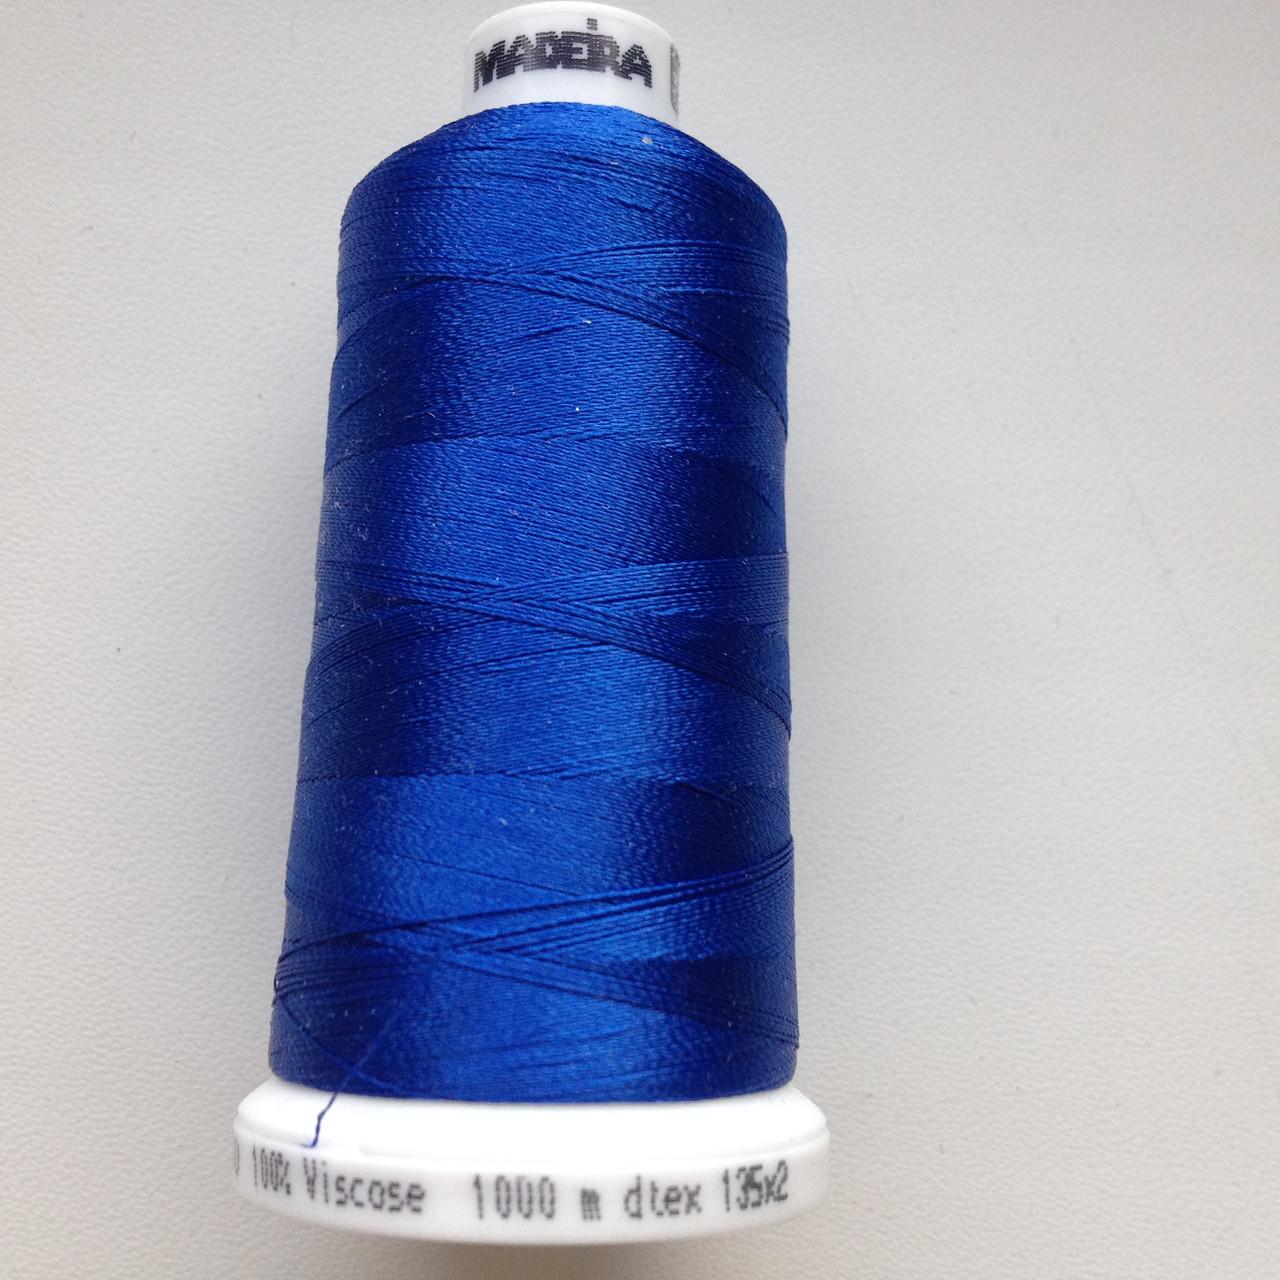 Нитки для машинной вышивки   Madeira Classic №40.  цвет 1076 ( Ярко - Синий ).  1000 м